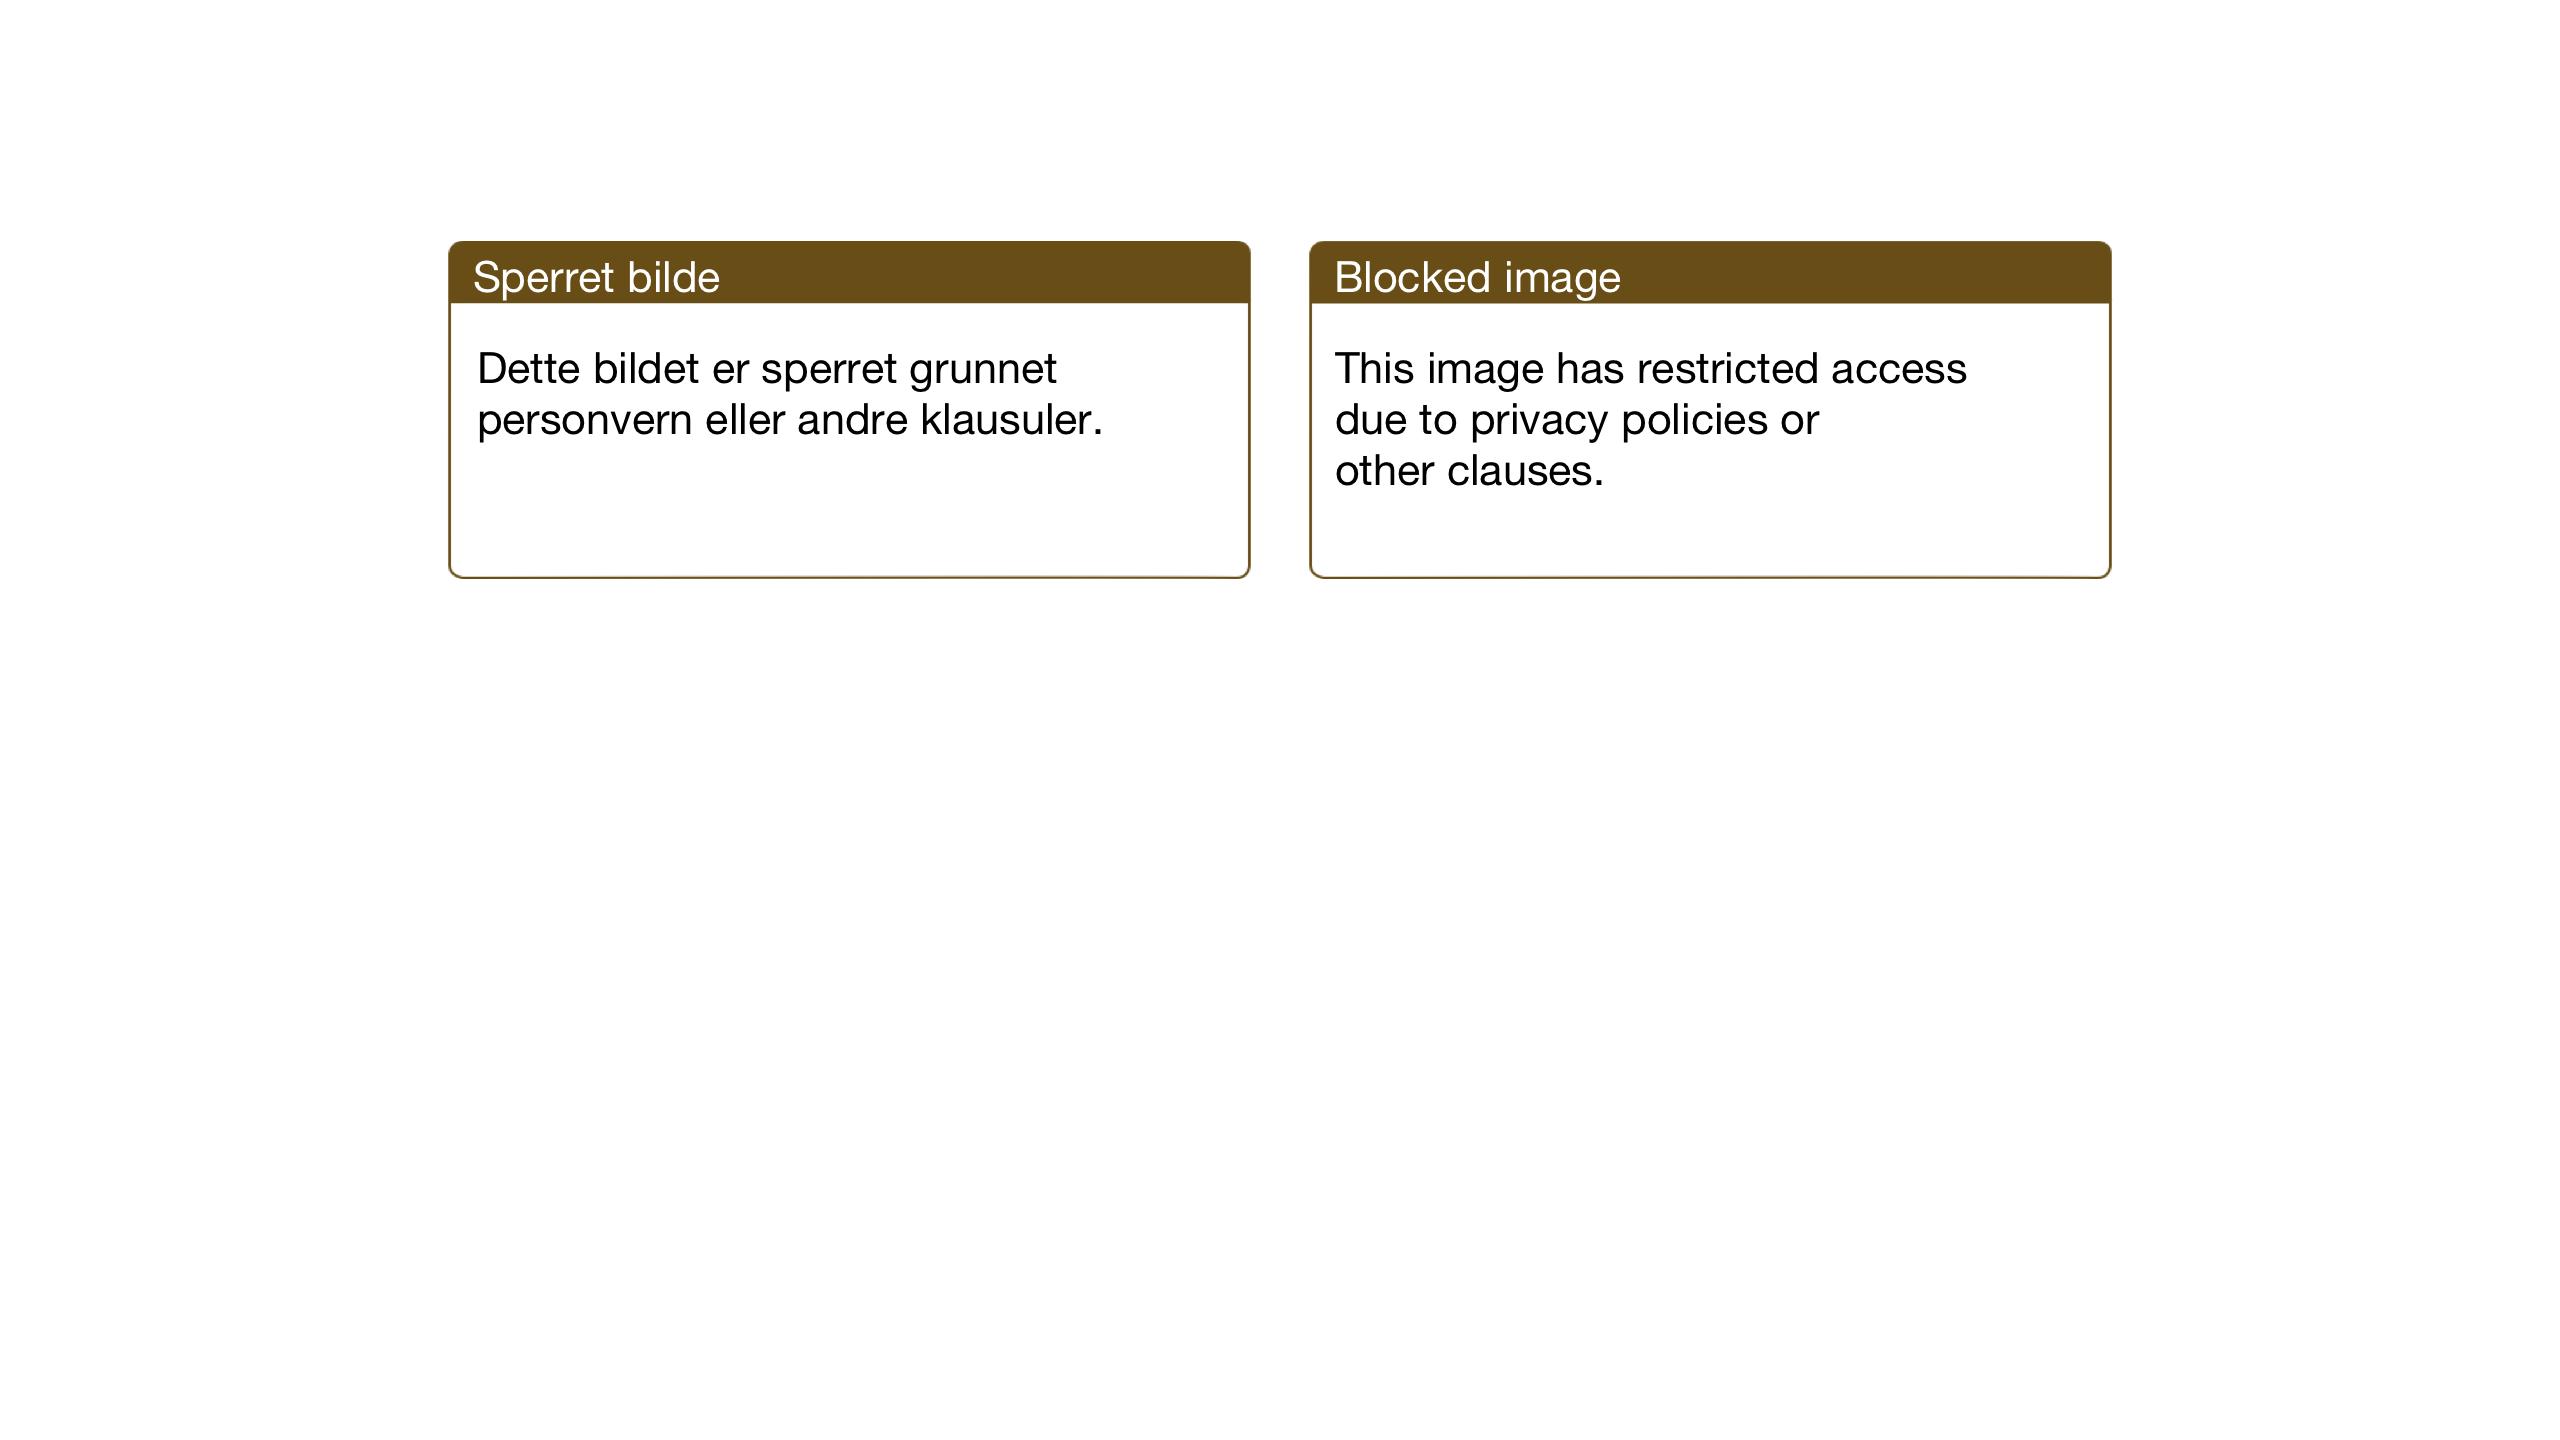 SAT, Ministerialprotokoller, klokkerbøker og fødselsregistre - Nord-Trøndelag, 733/L0328: Klokkerbok nr. 733C03, 1919-1966, s. 41